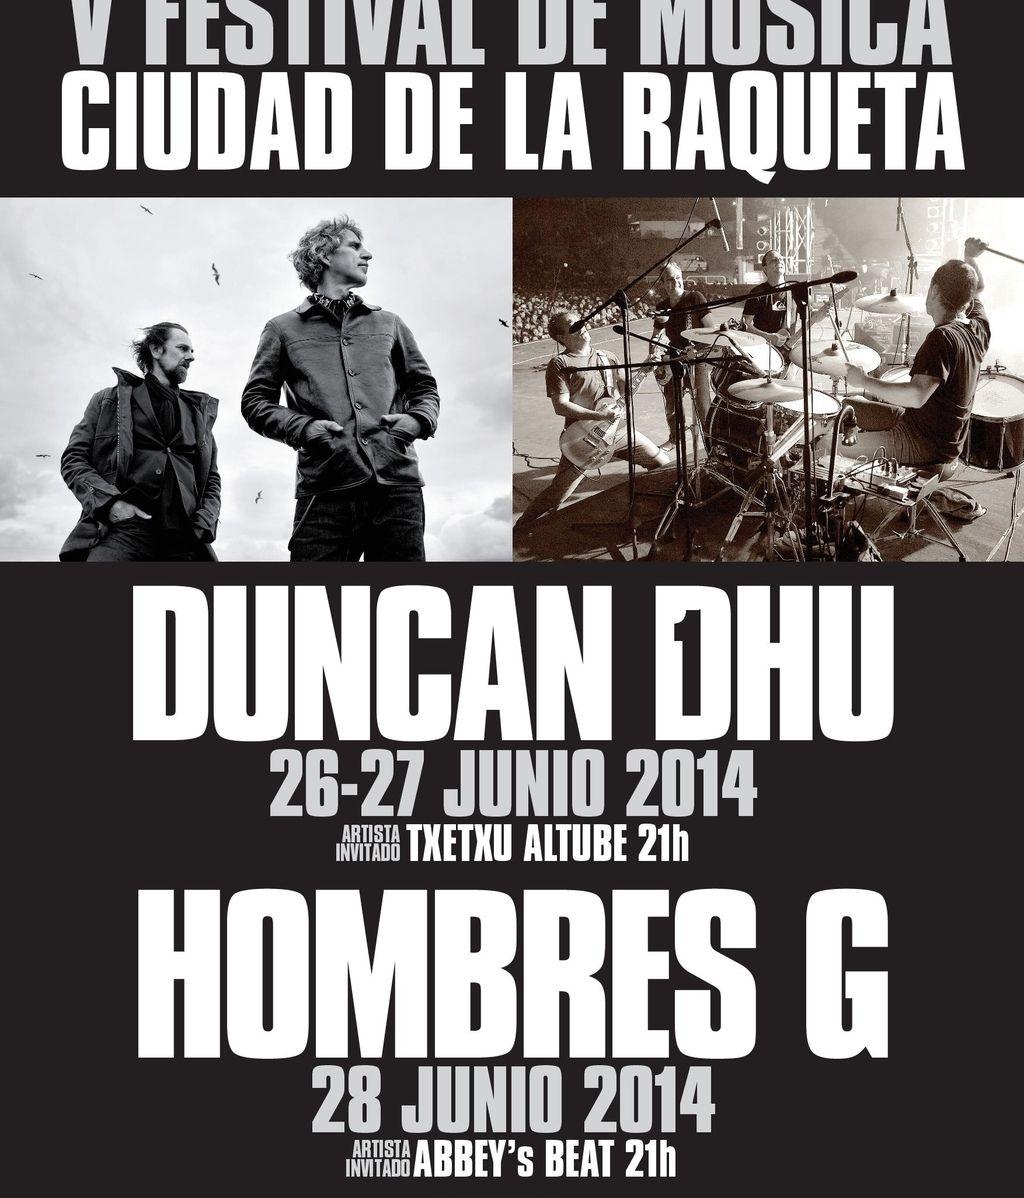 Cartel del Festival de Música Ciudad de la Raqueta